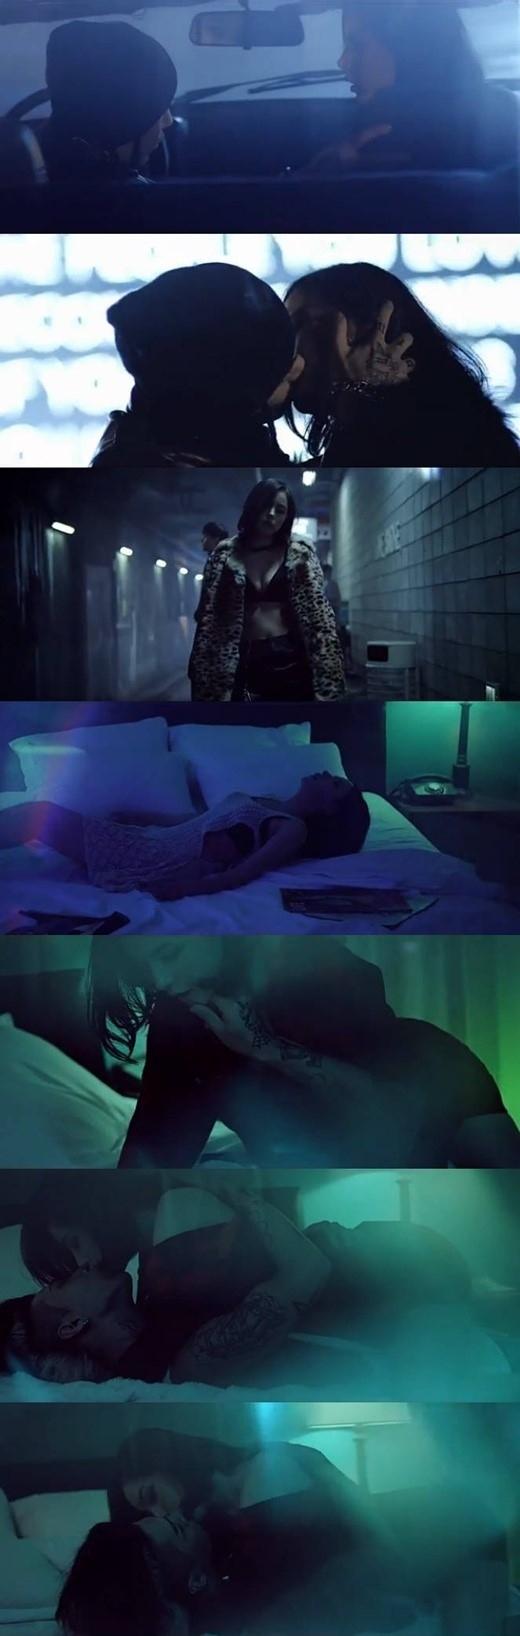 BIGBANGのSOL、恋人ミン・ヒョリンと強烈ラブシーン\u2026この時既に熱愛中だった?過去のMVが再び話題に , ENTERTAINMENT ,  韓流・韓国芸能ニュースはKstyle